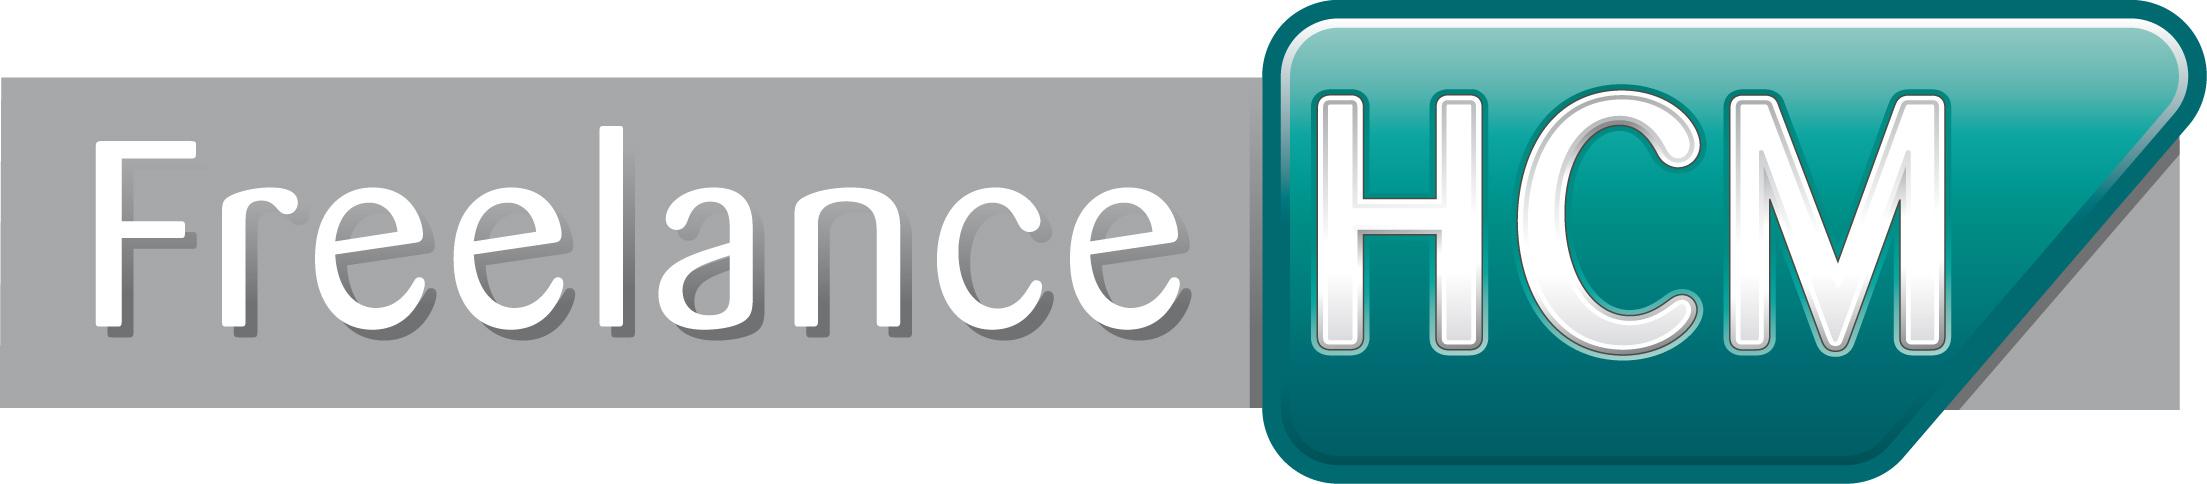 FreelanceHCM